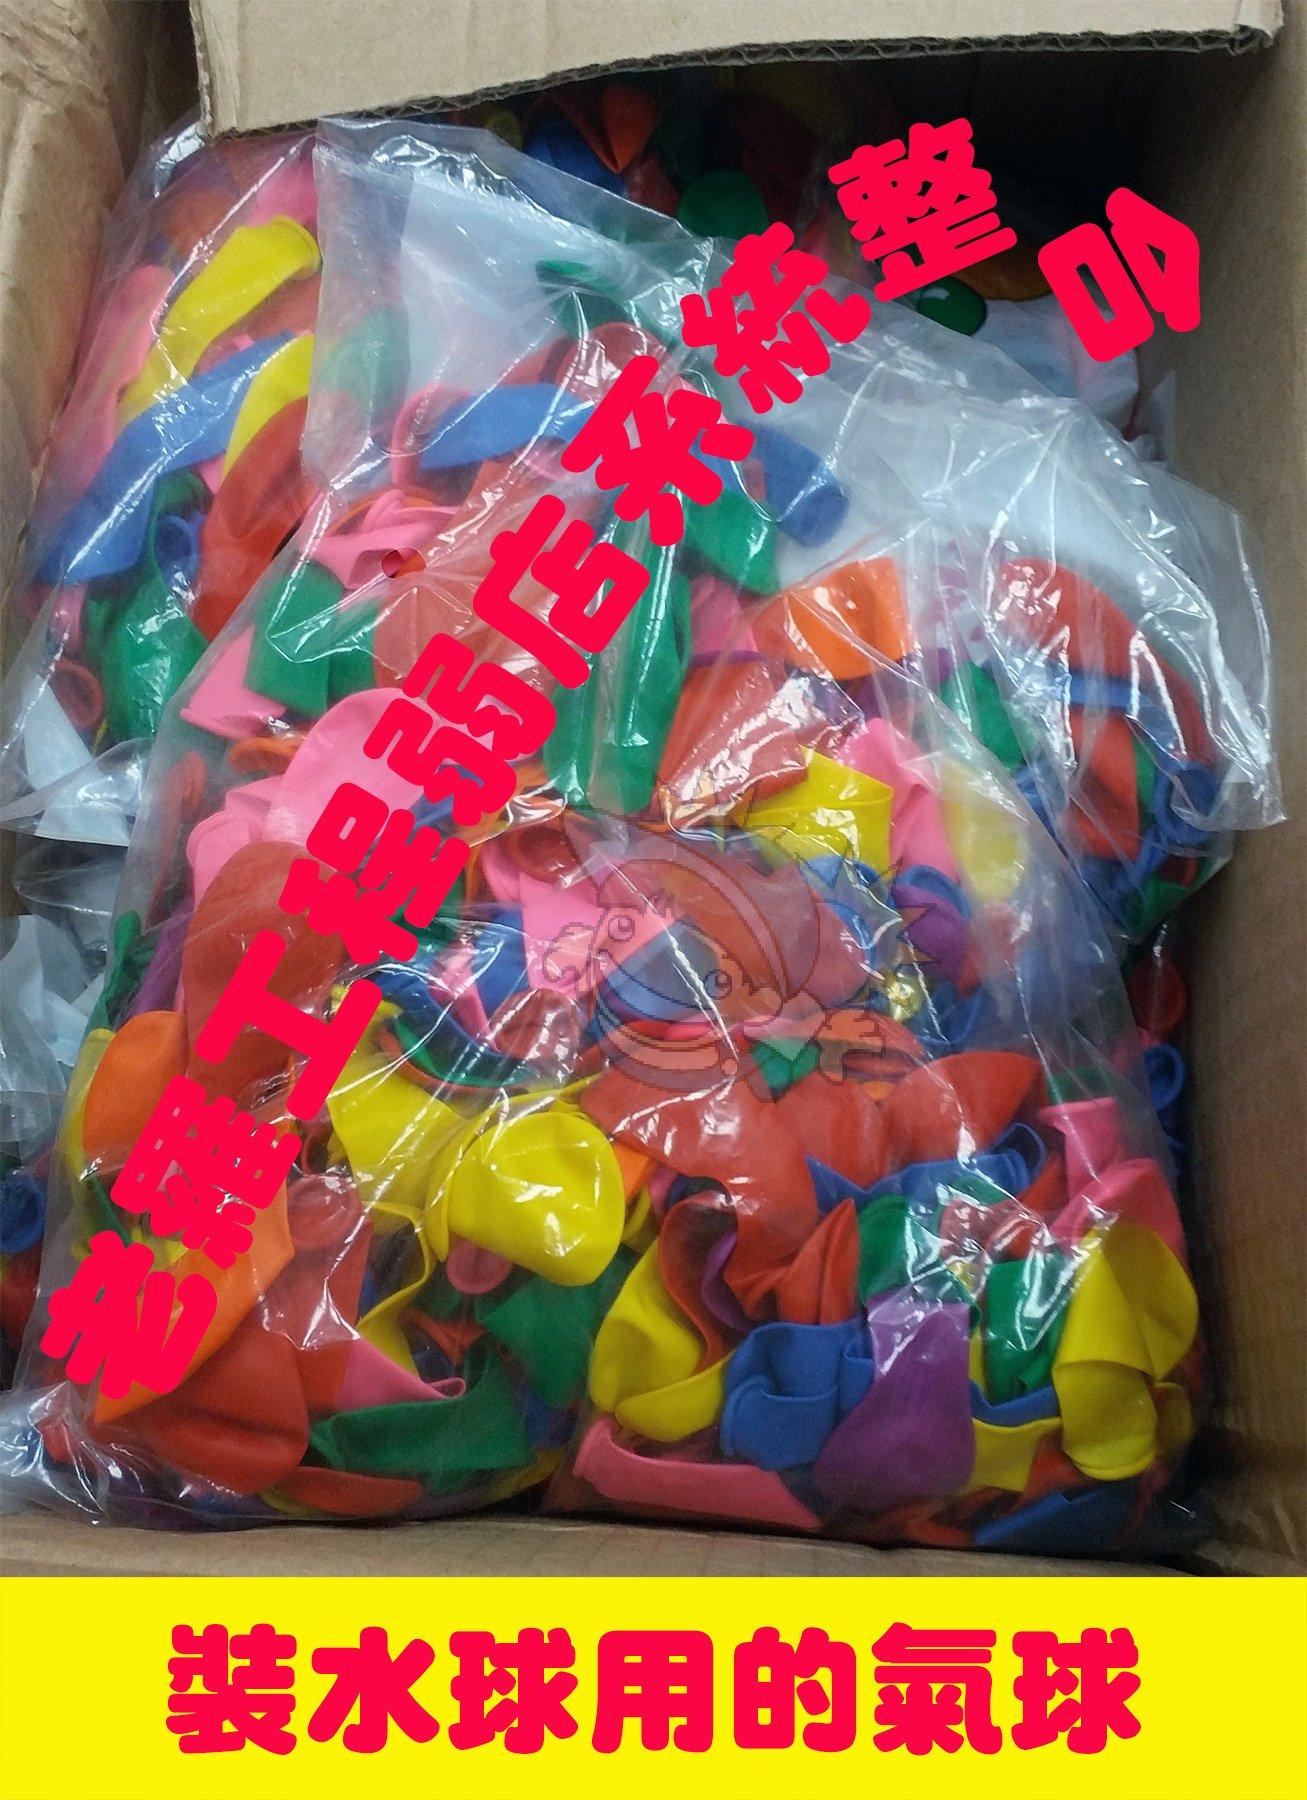 老羅工程*P058*水球氣球打水仗水戰氣球 一包500顆 電動門弓器等